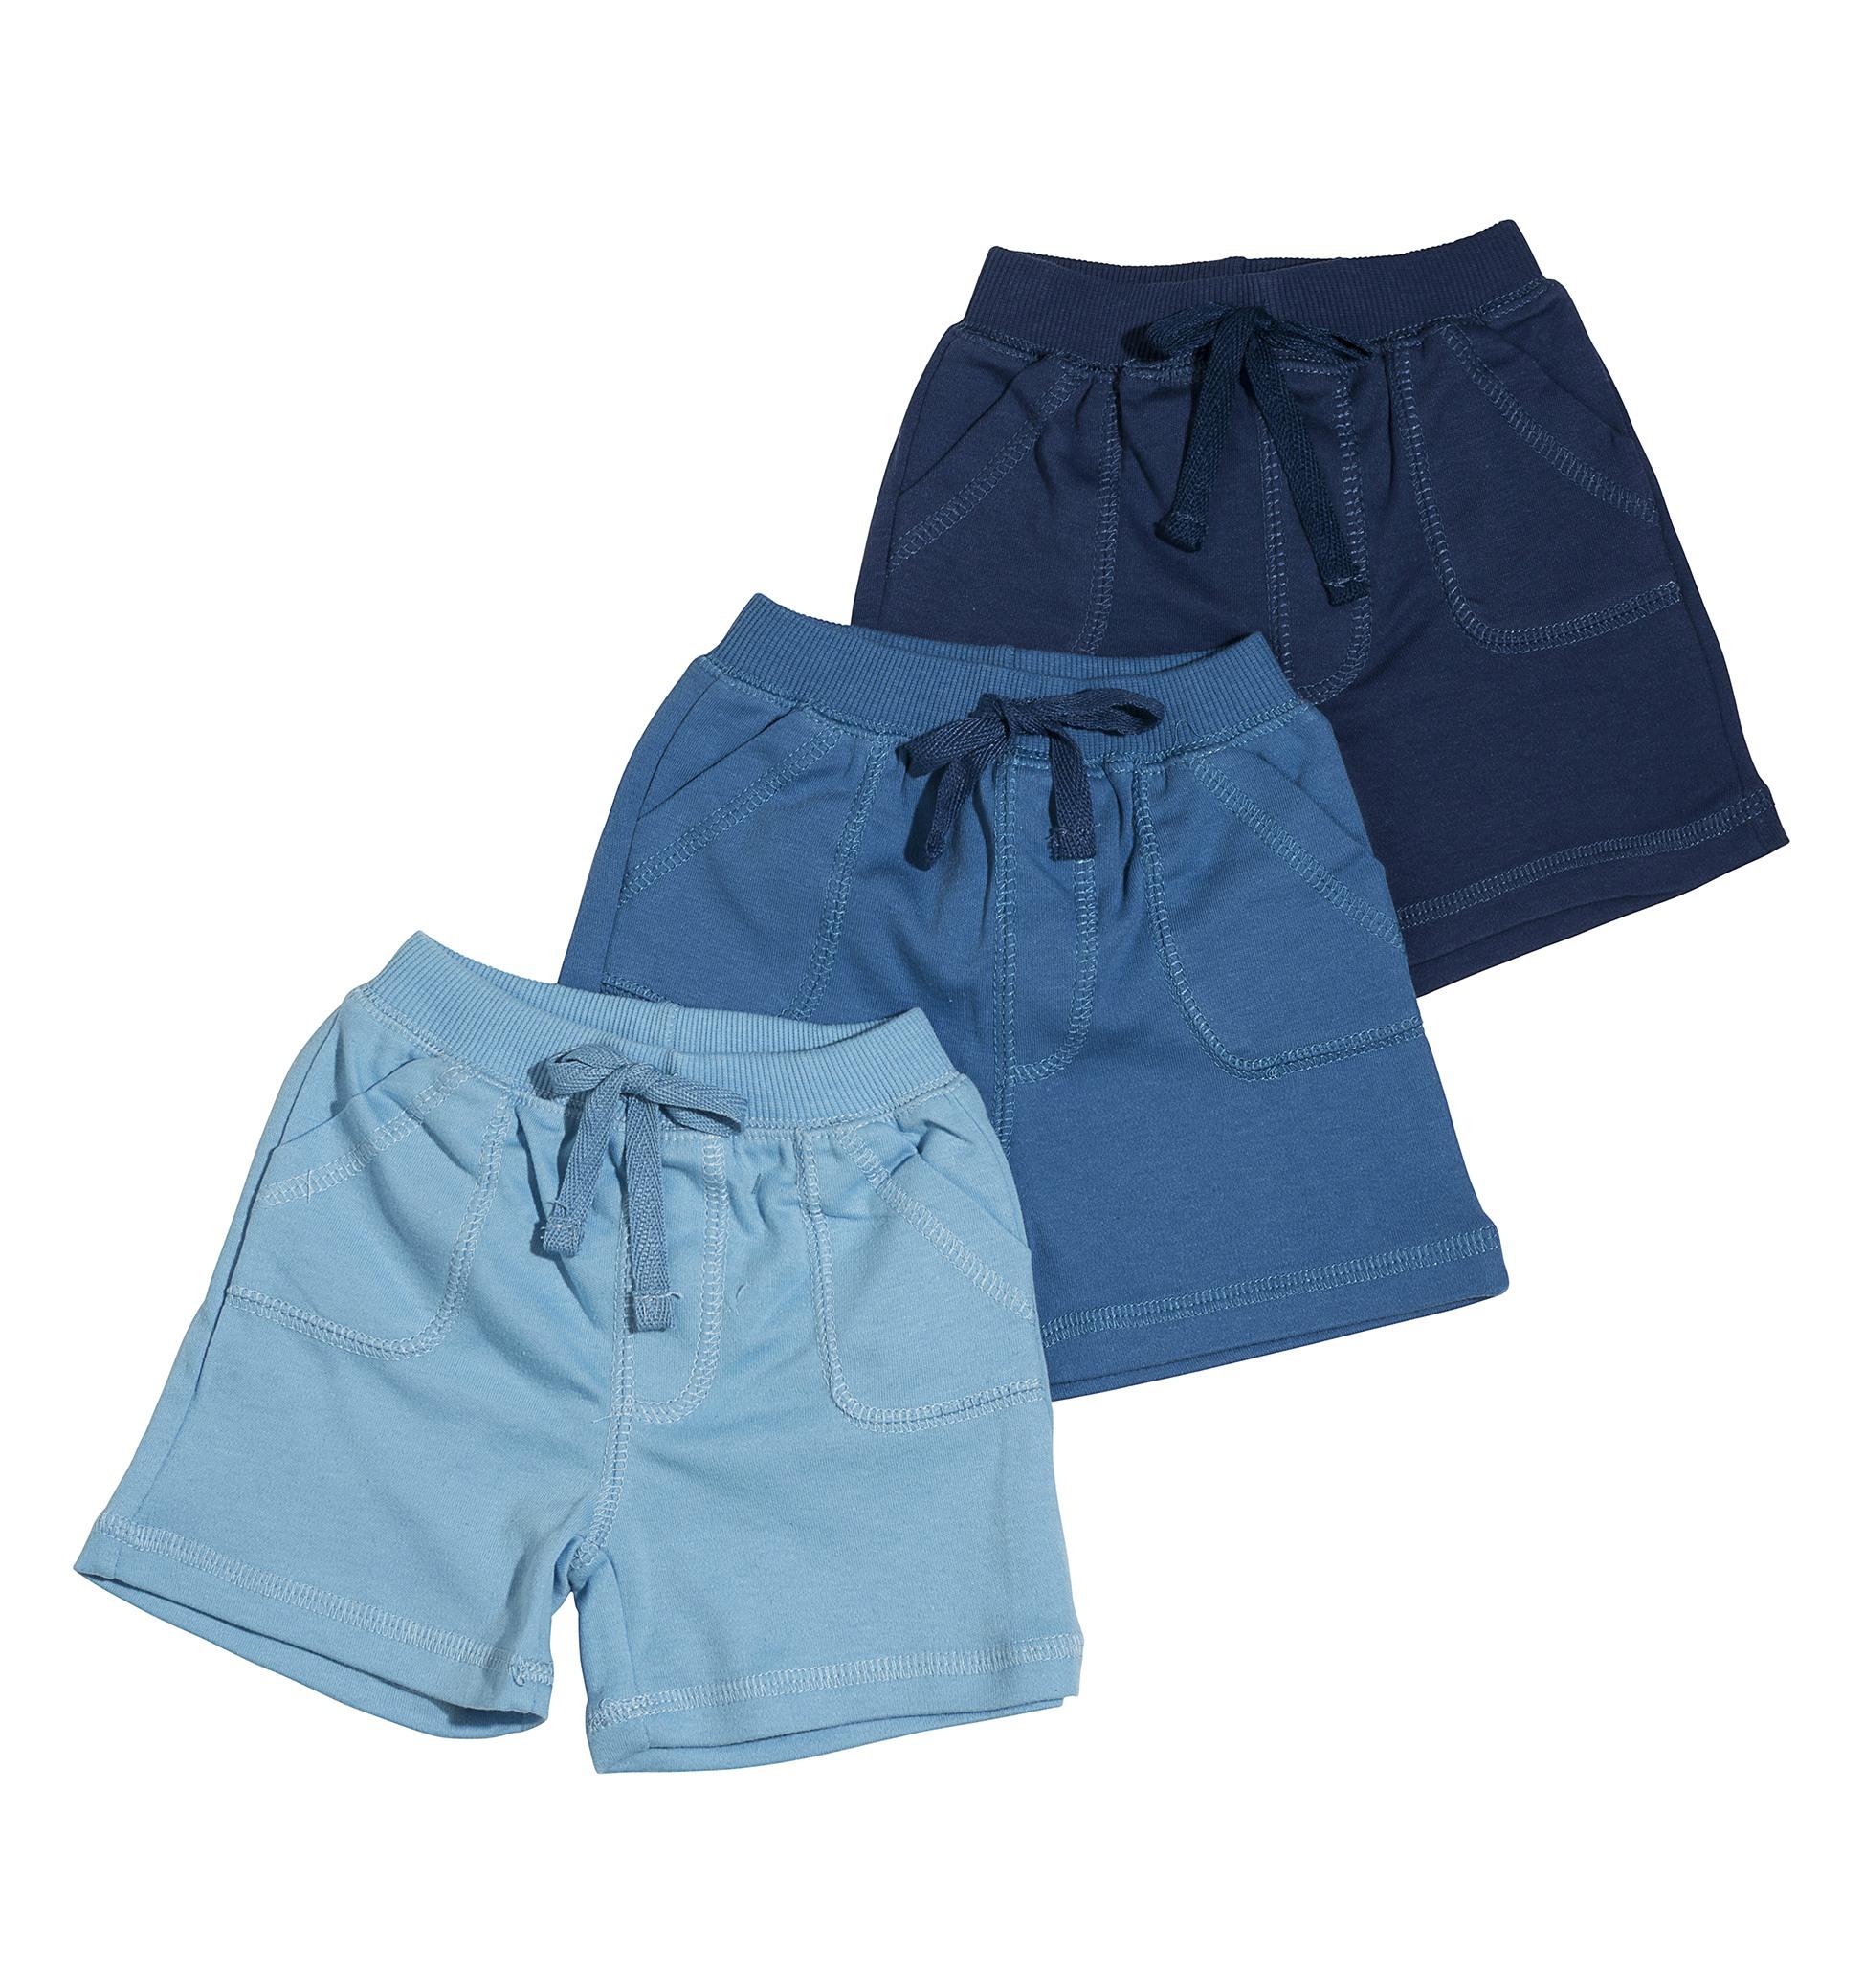 שלישיית מכנסיים 4457 נייבי - כחול - תכלת